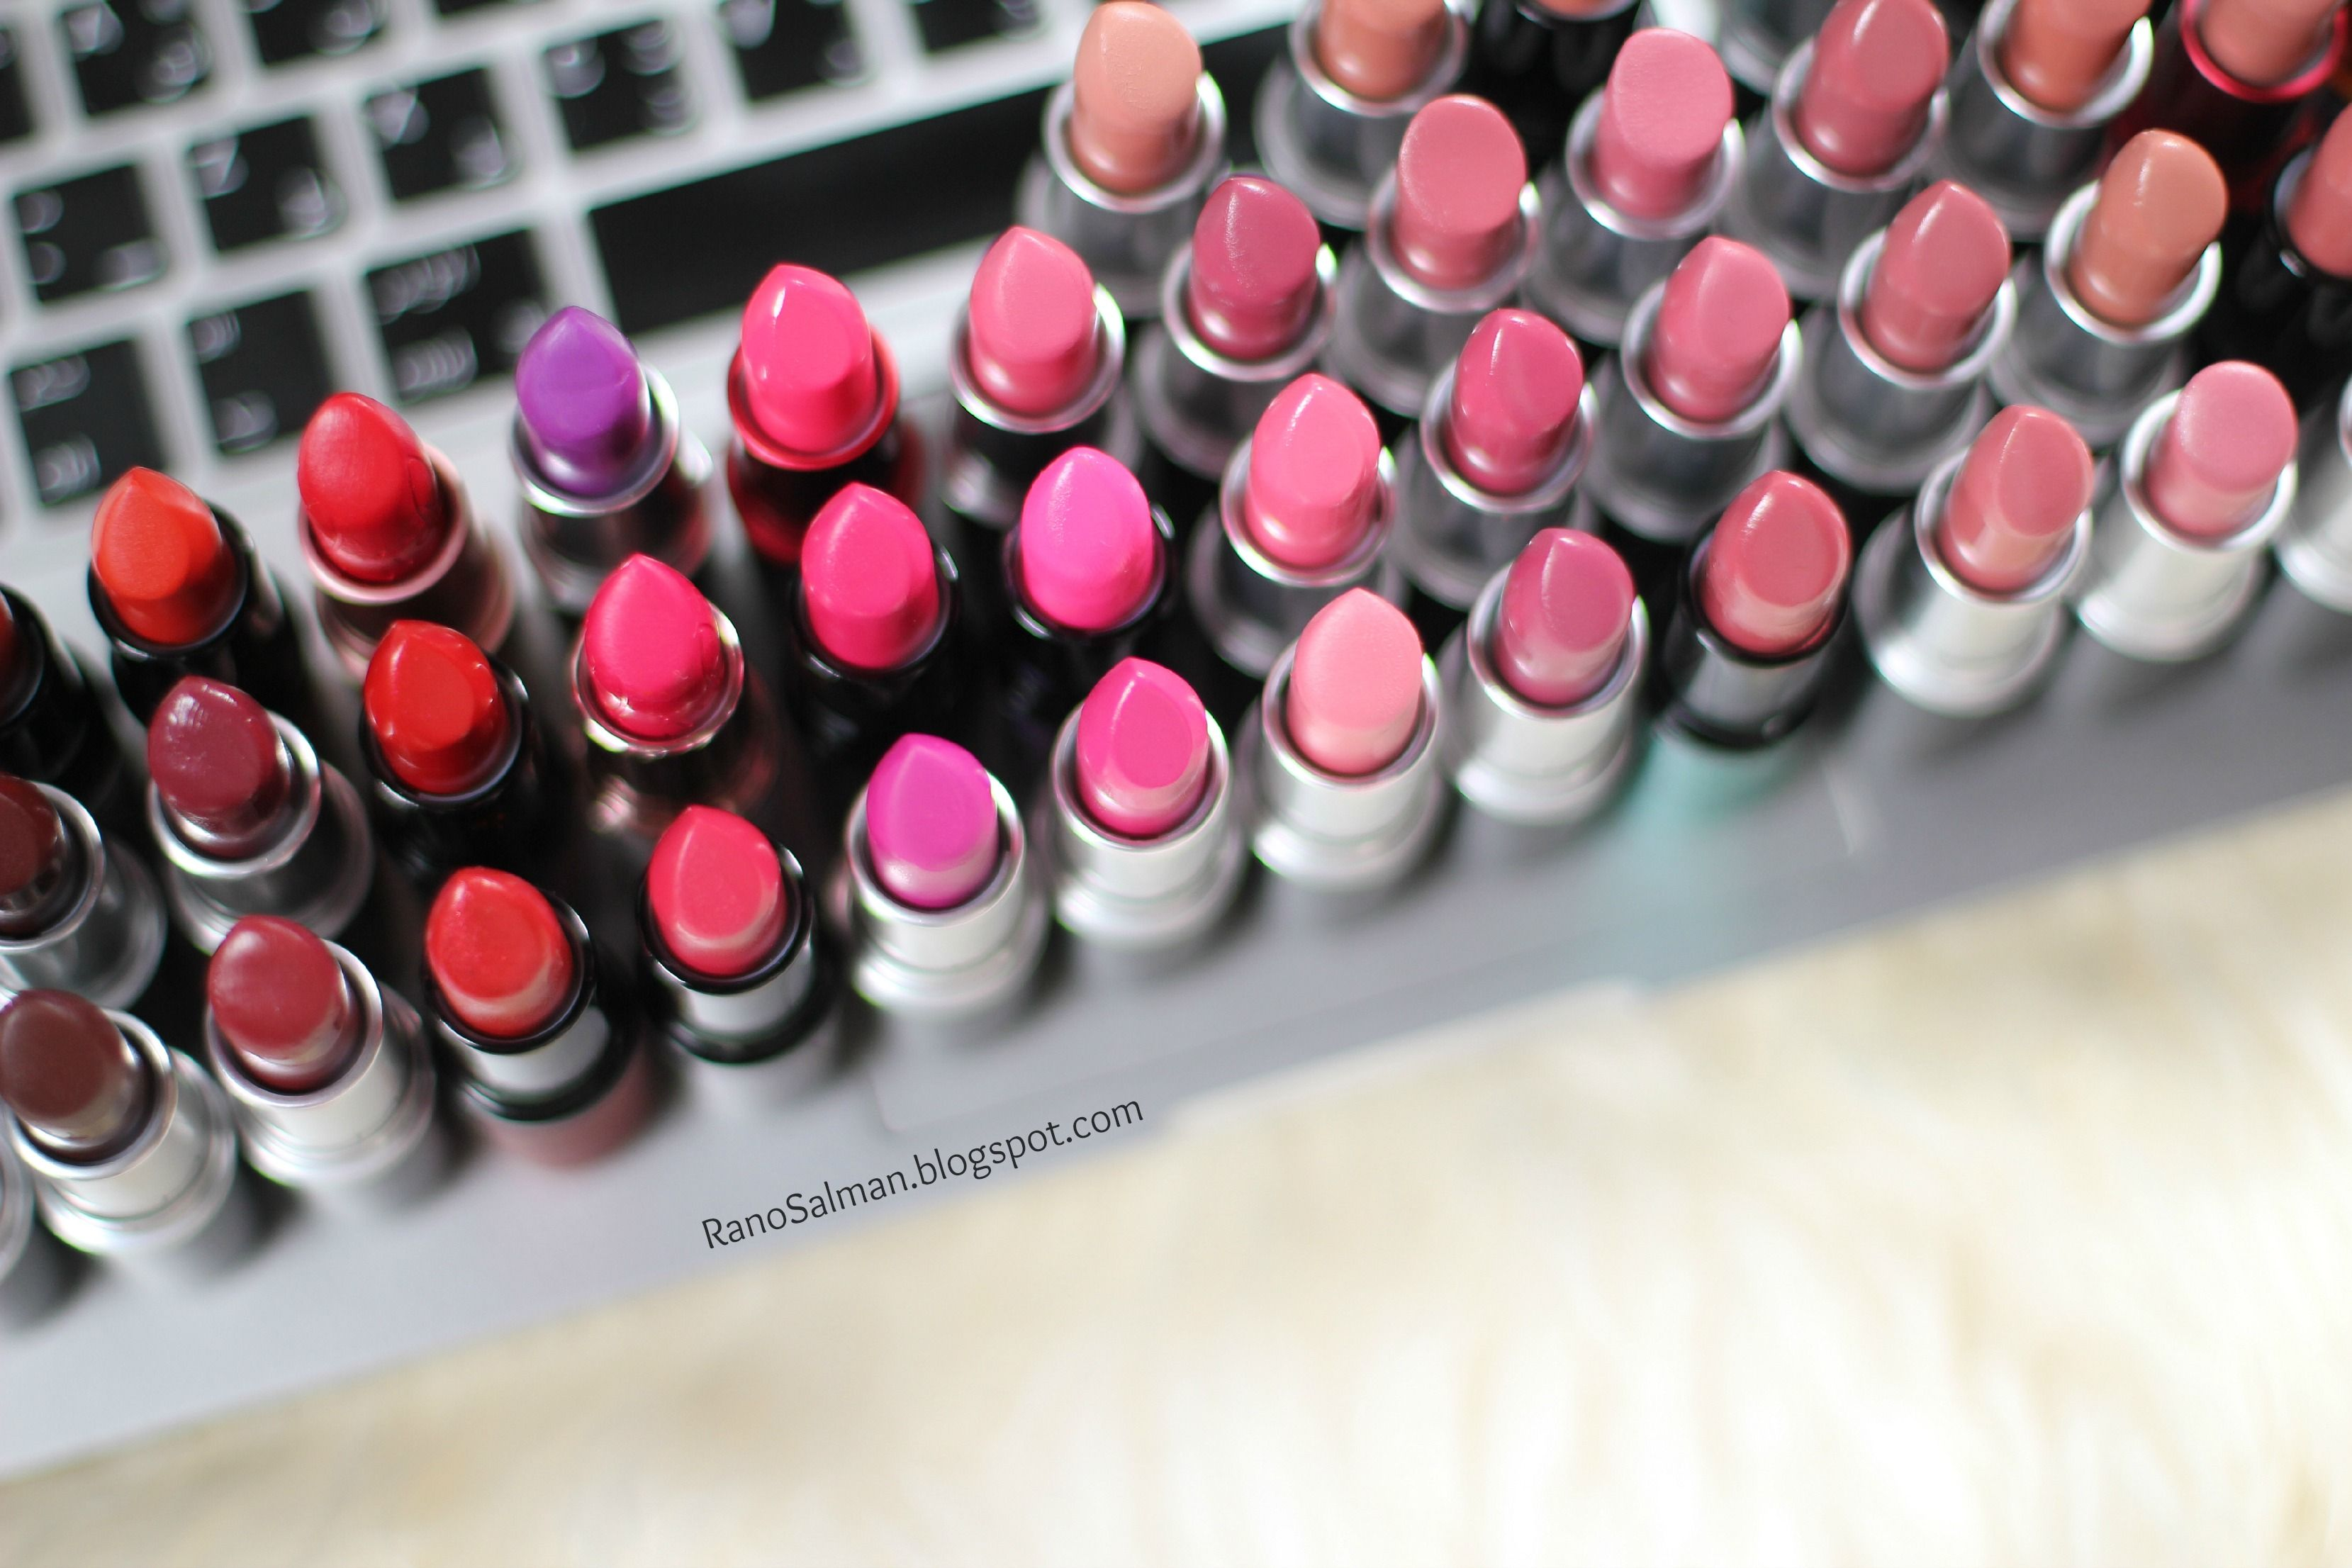 Mac Lipsticks Collection P1 أرواج ماك الجزء الأول Mac Lipstick Collection Mac Lipstick Lipstick Collection